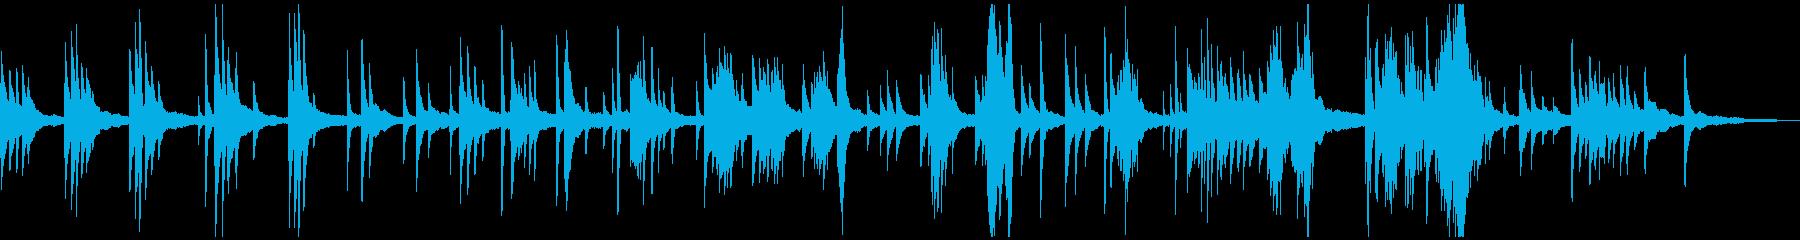 映像・ナレーション用ピアノ演奏(夢)の再生済みの波形